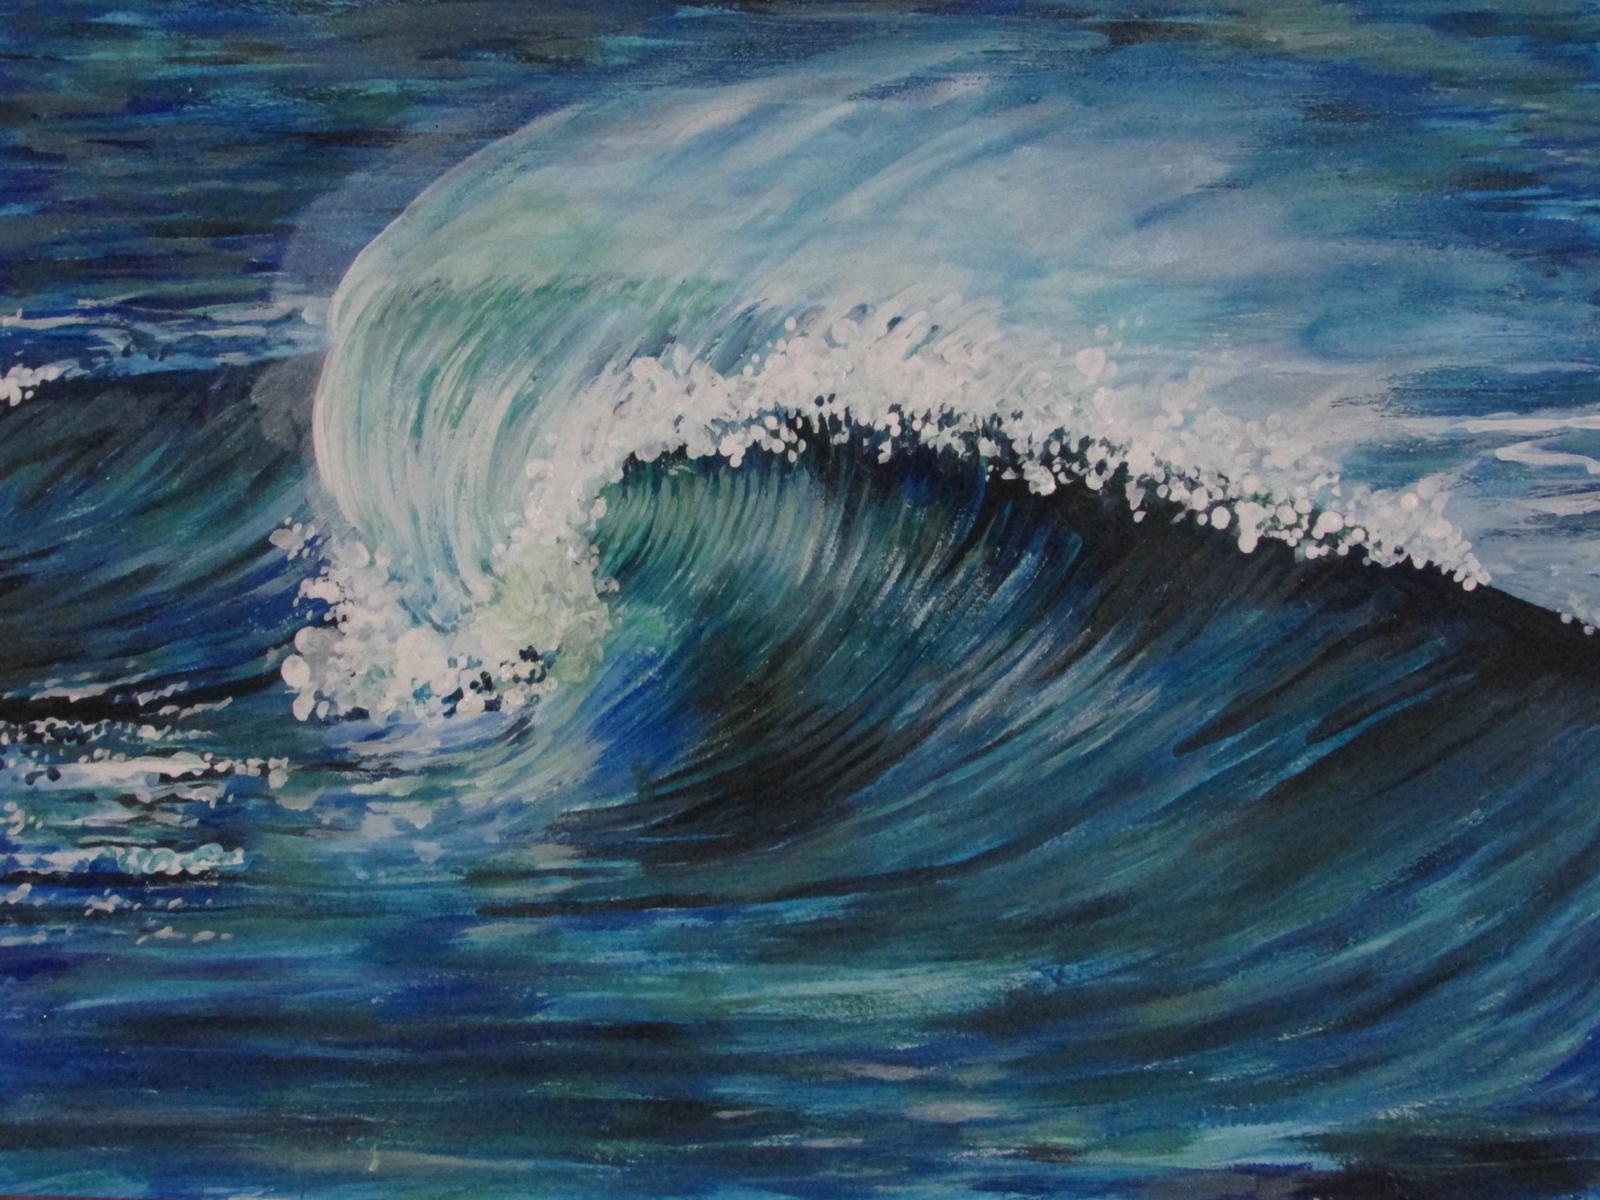 Blue wave crashing